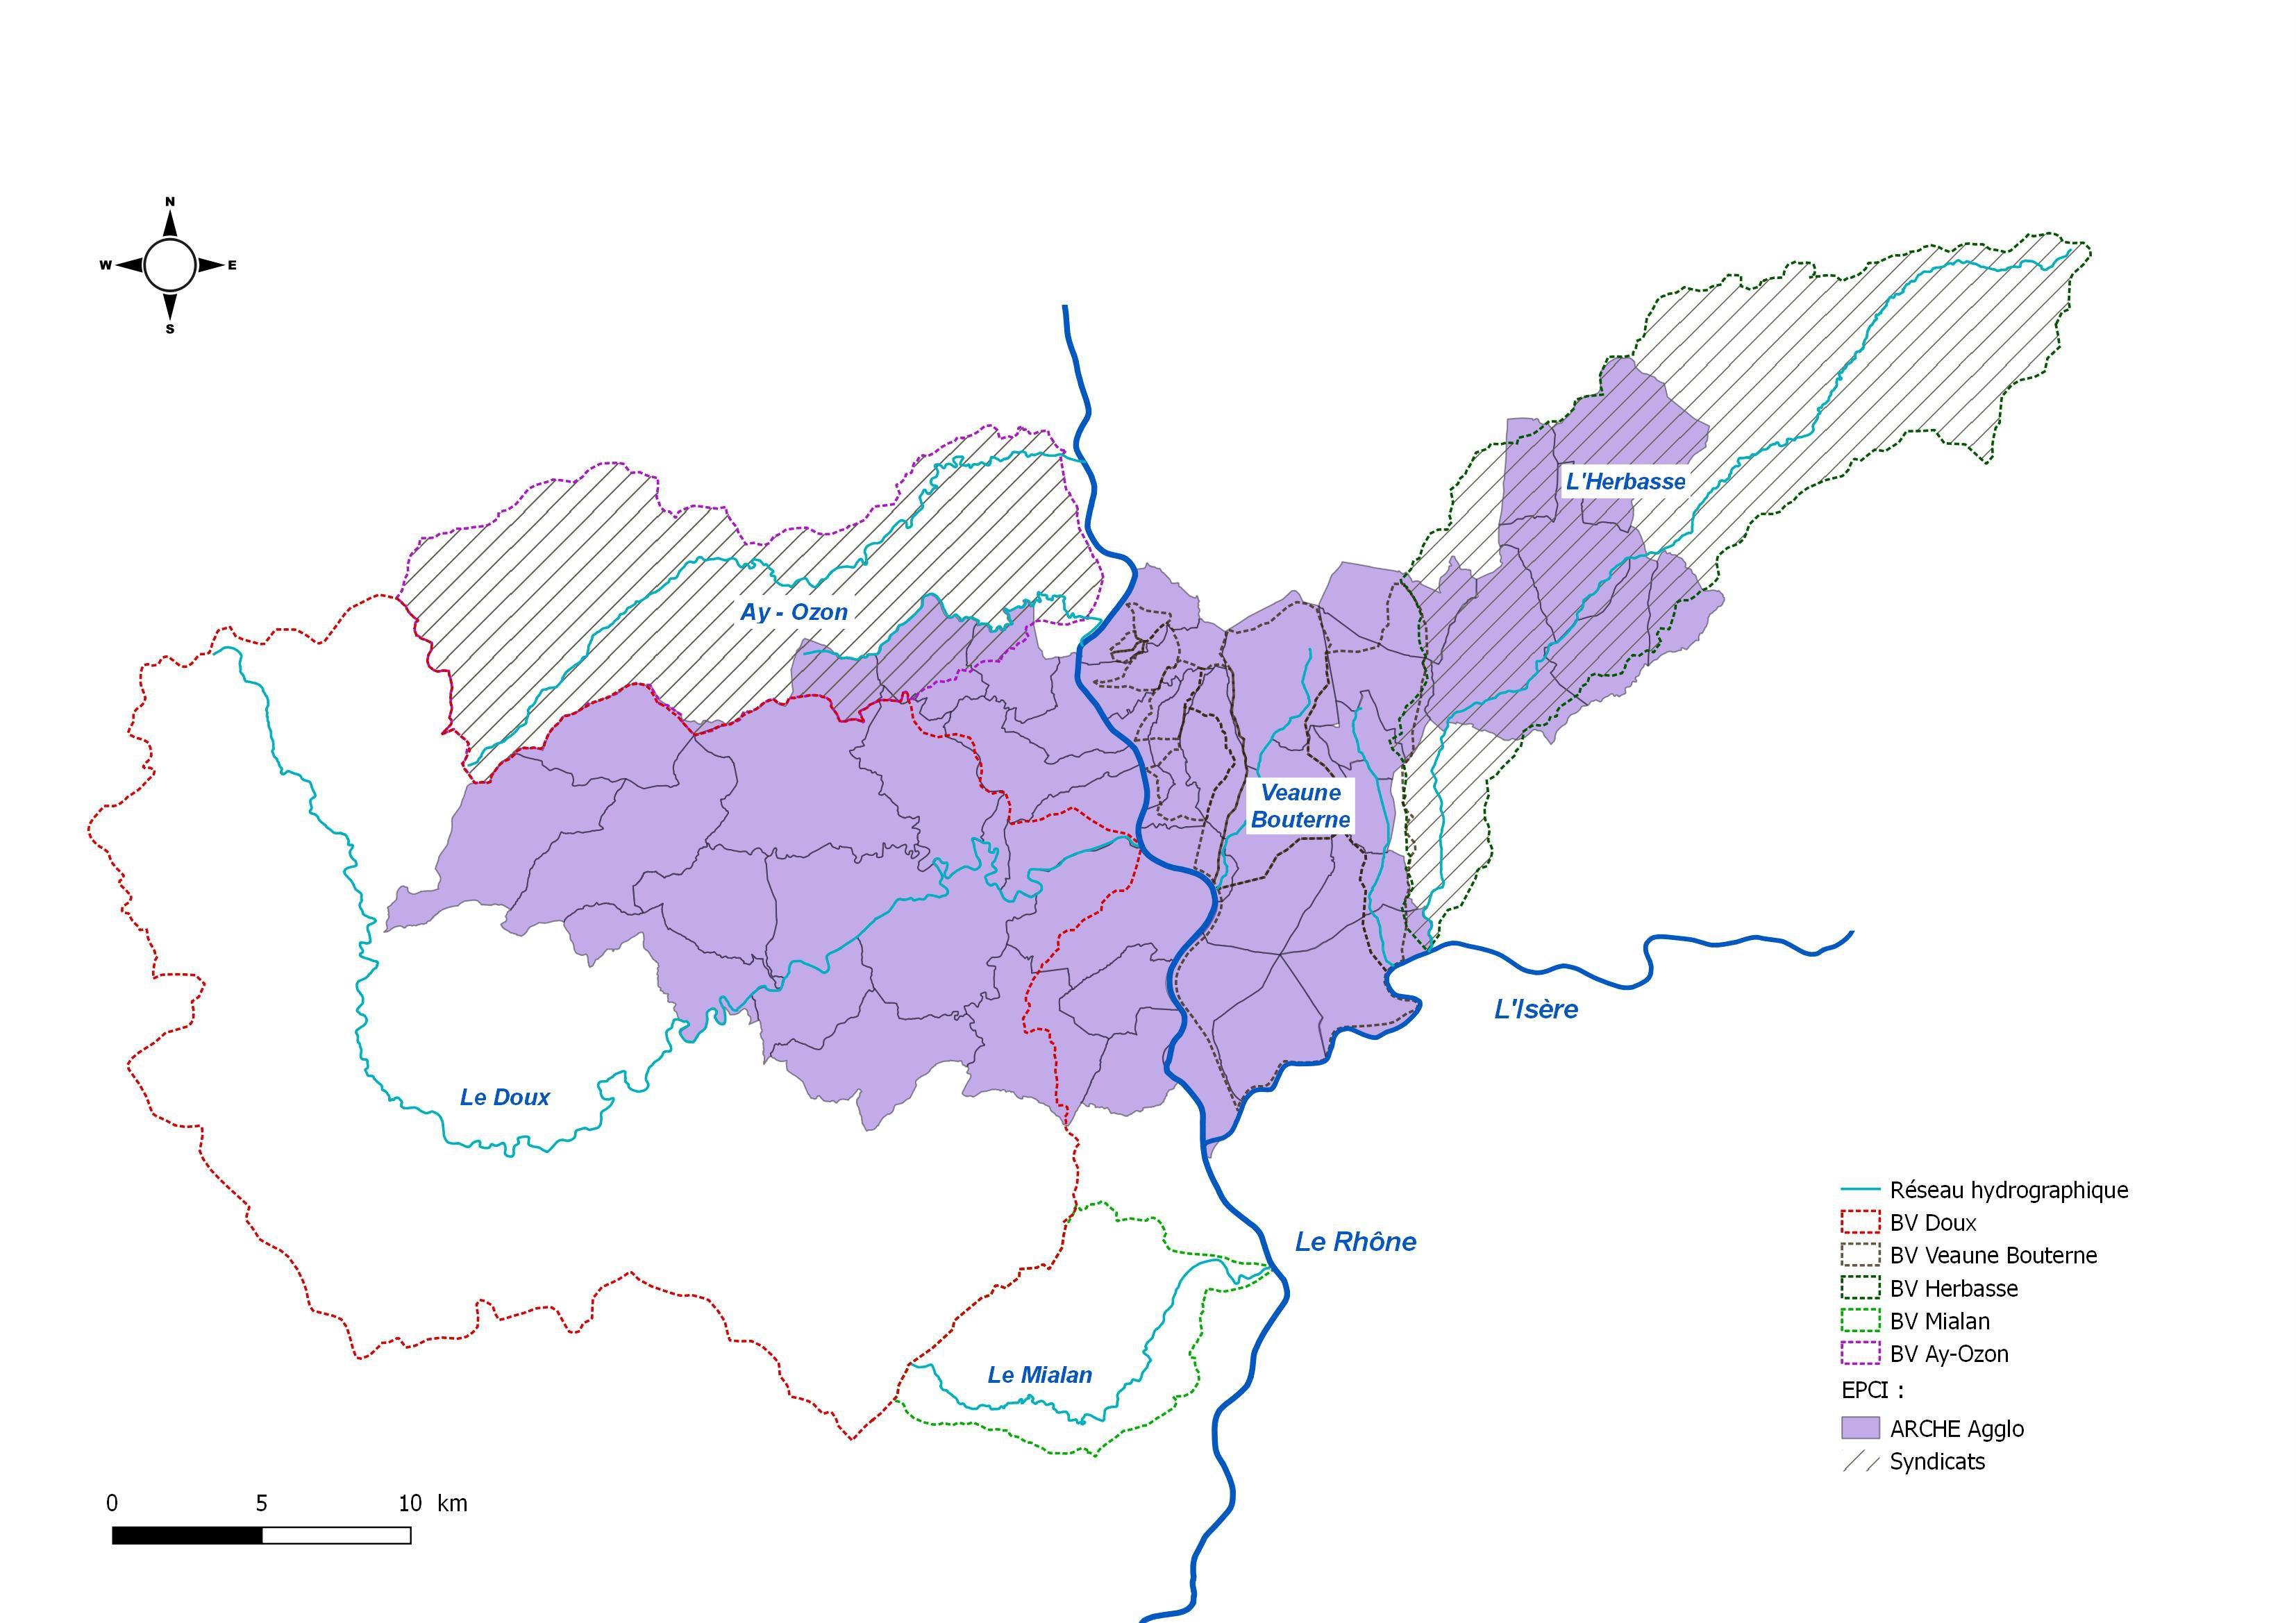 2-carte gestion cours d'eau arche agglo.jpg